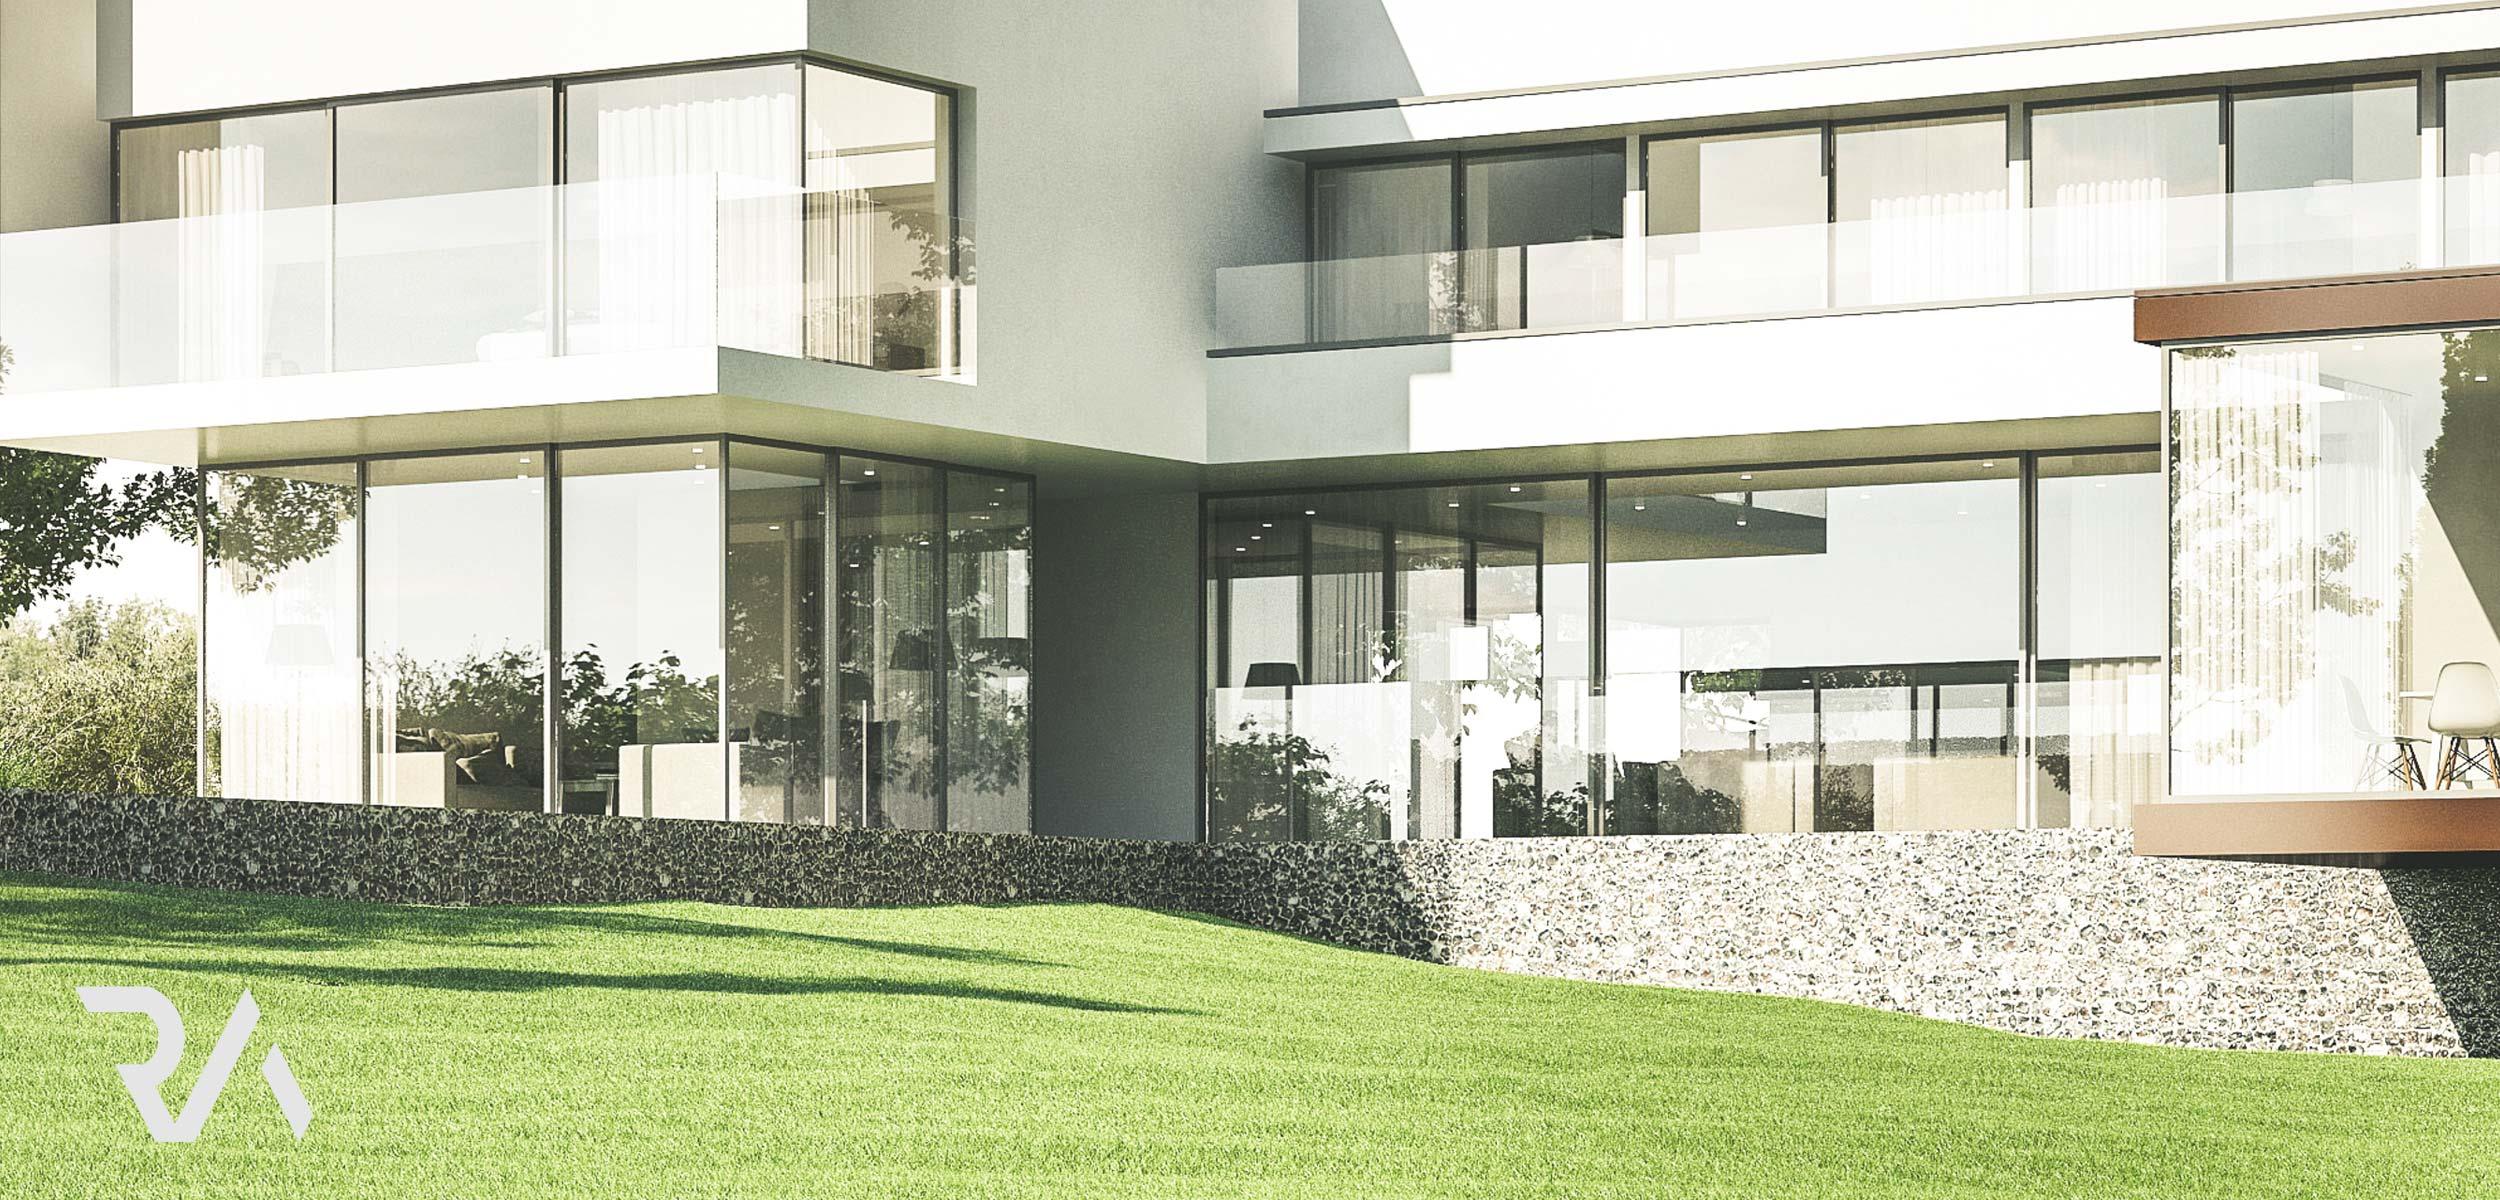 architects_in_warwickshire_01.jpg